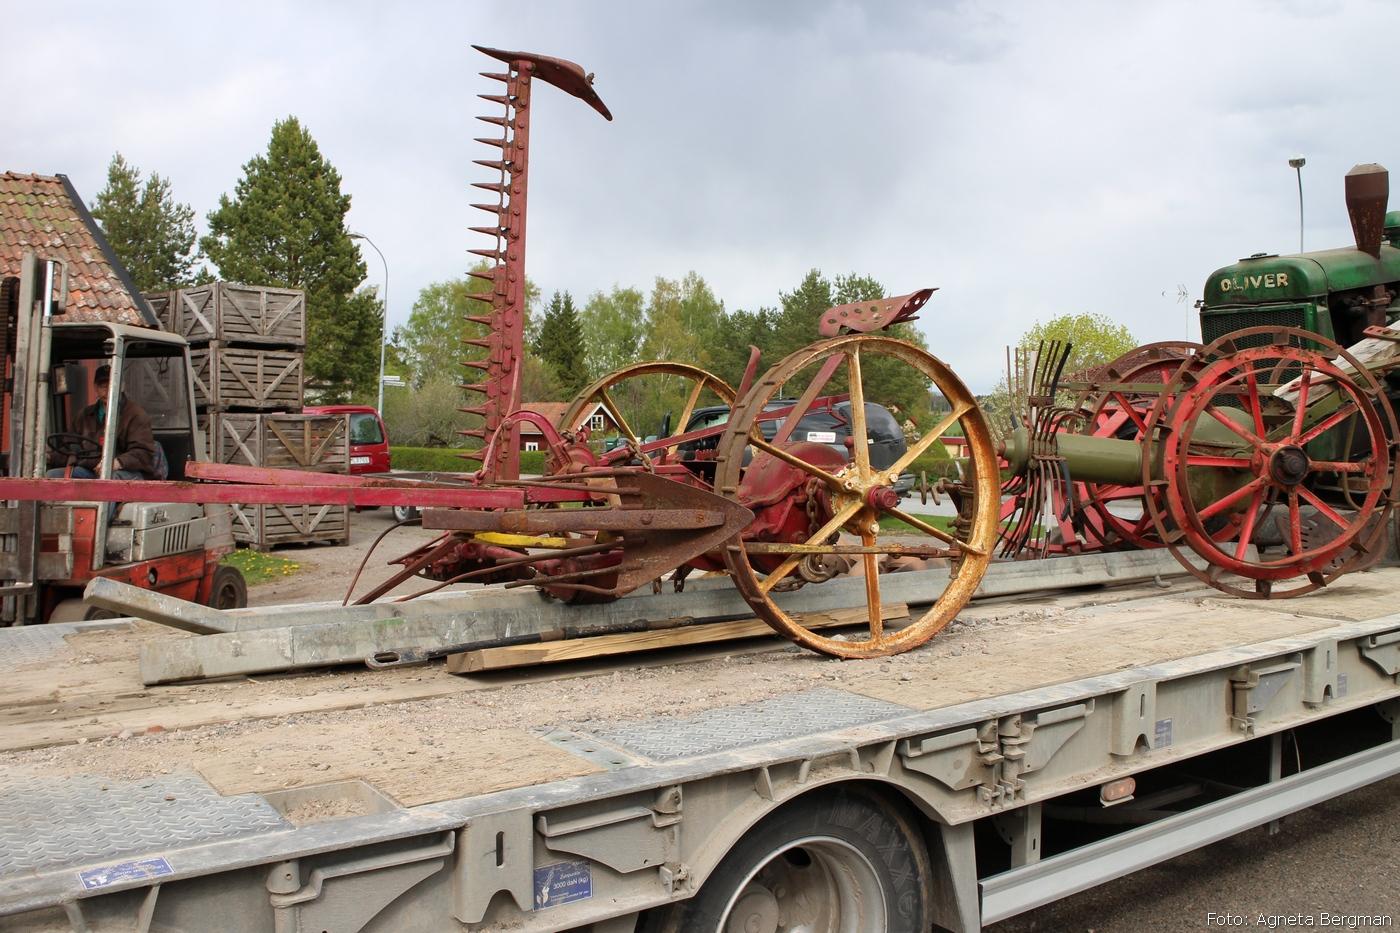 2014-05-03_095_traktorflytt